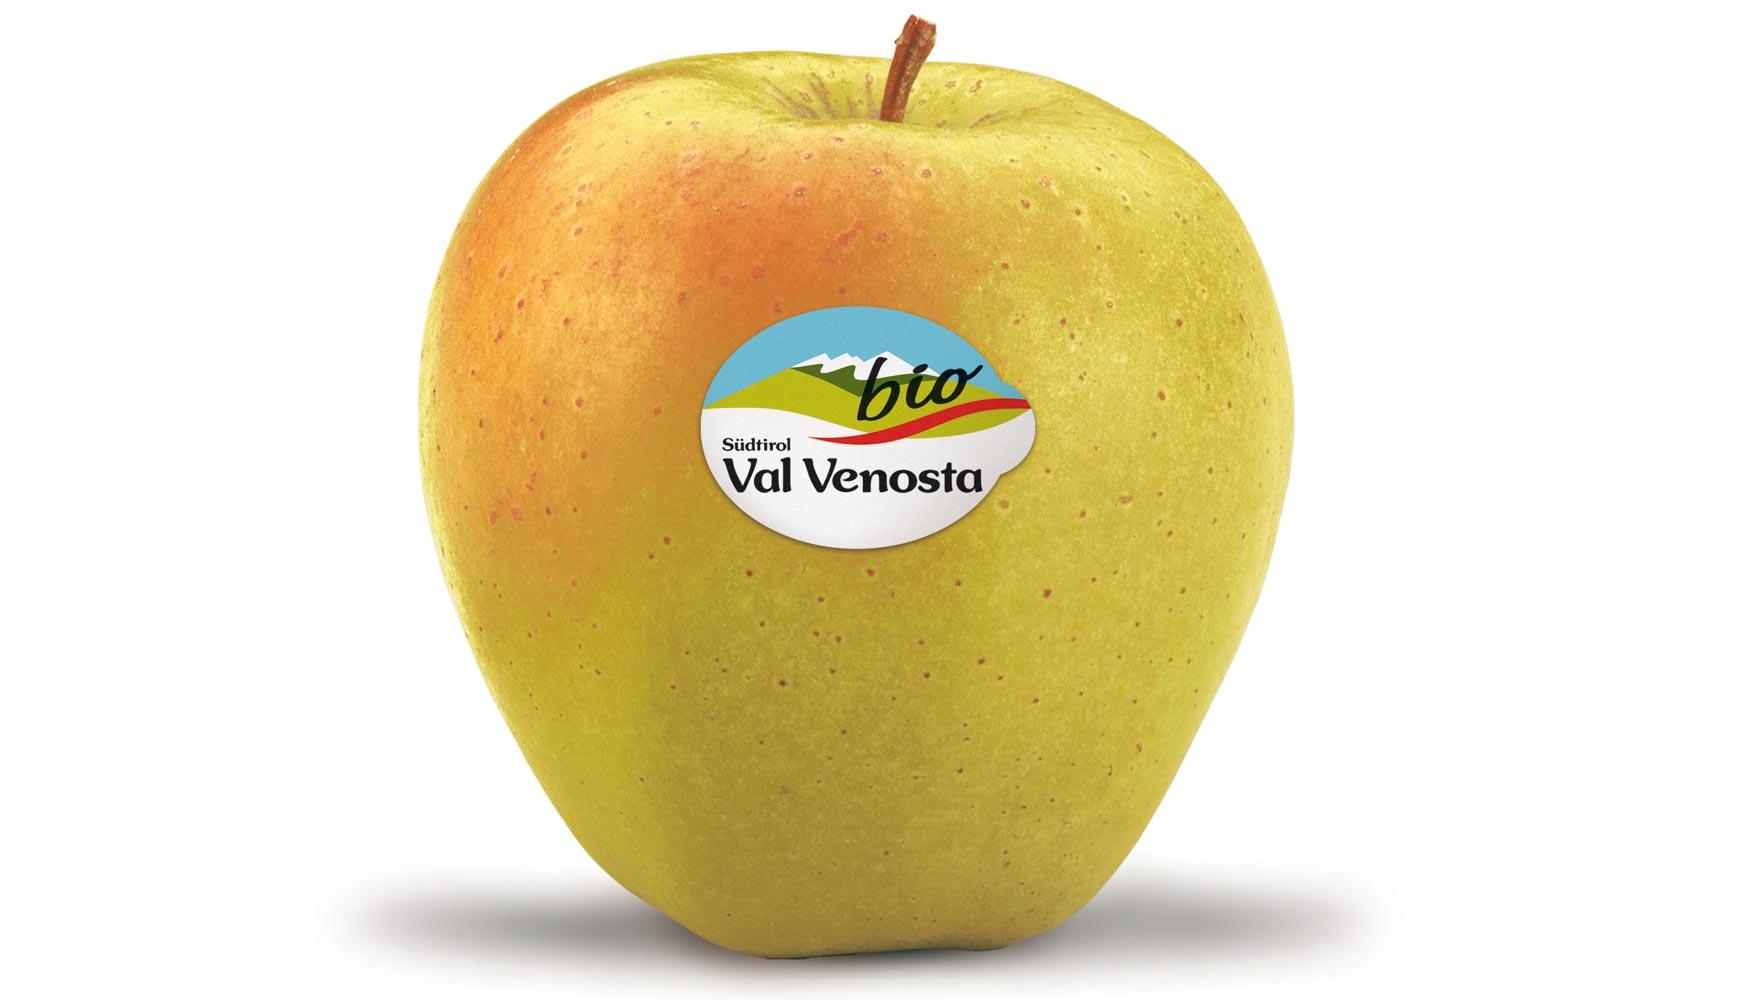 Manzanas Val Venosta, el sabor de la naturaleza